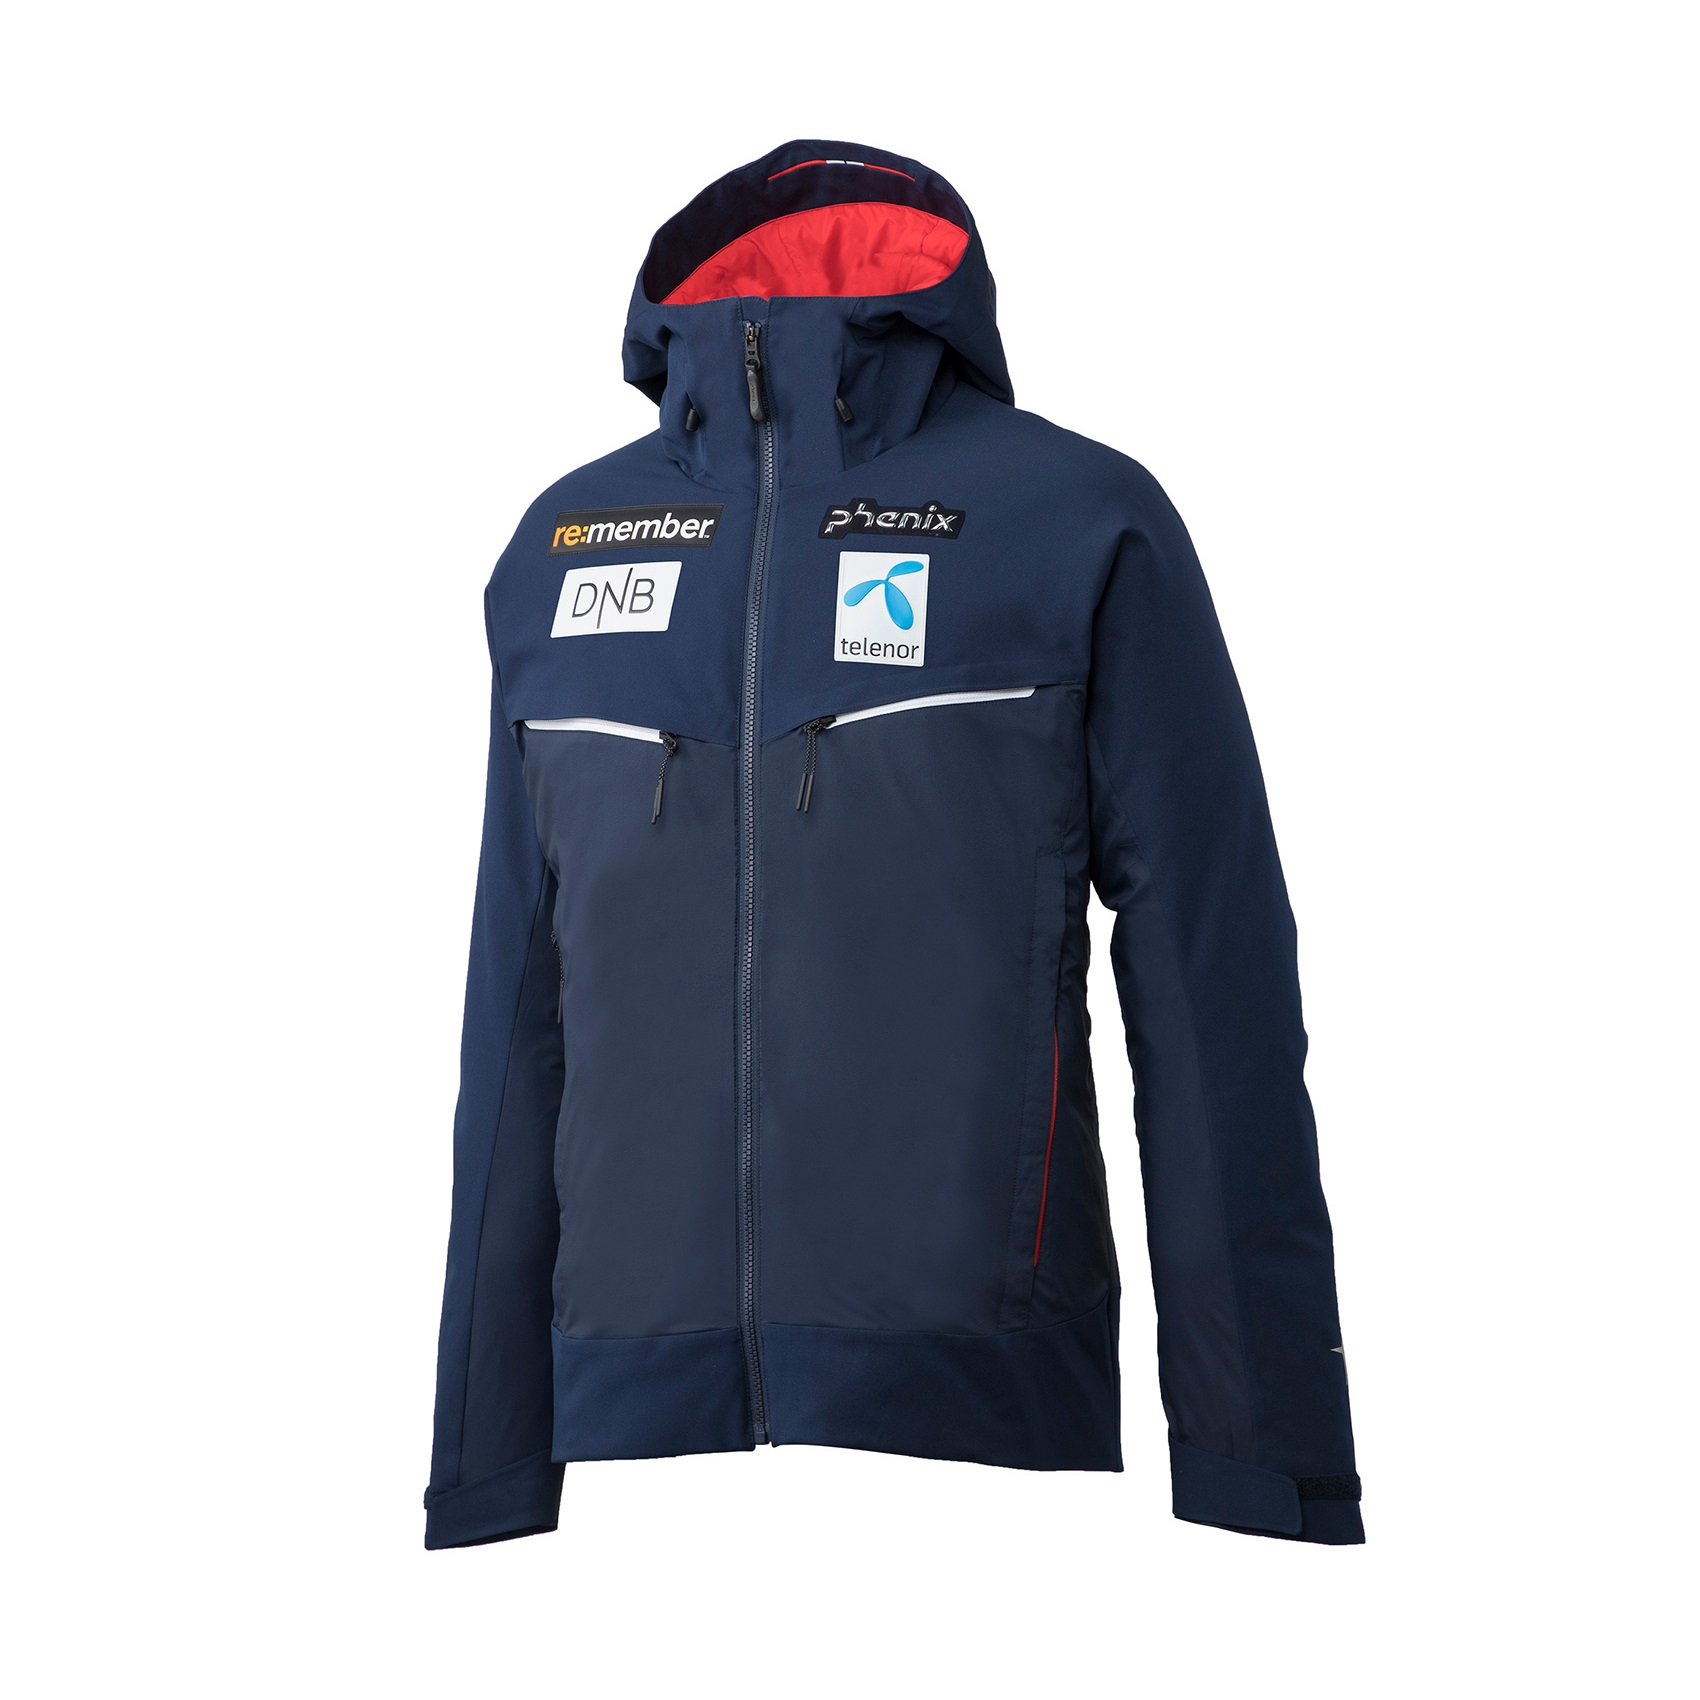 NORWAY ALPINE TEAM par Phenix (Manteaux isolés hommes, Vêtements hiver homme)NORWAY ALPINE TEAM par Phenix (Manteaux isolés hommes, Vêtements hiver homme)